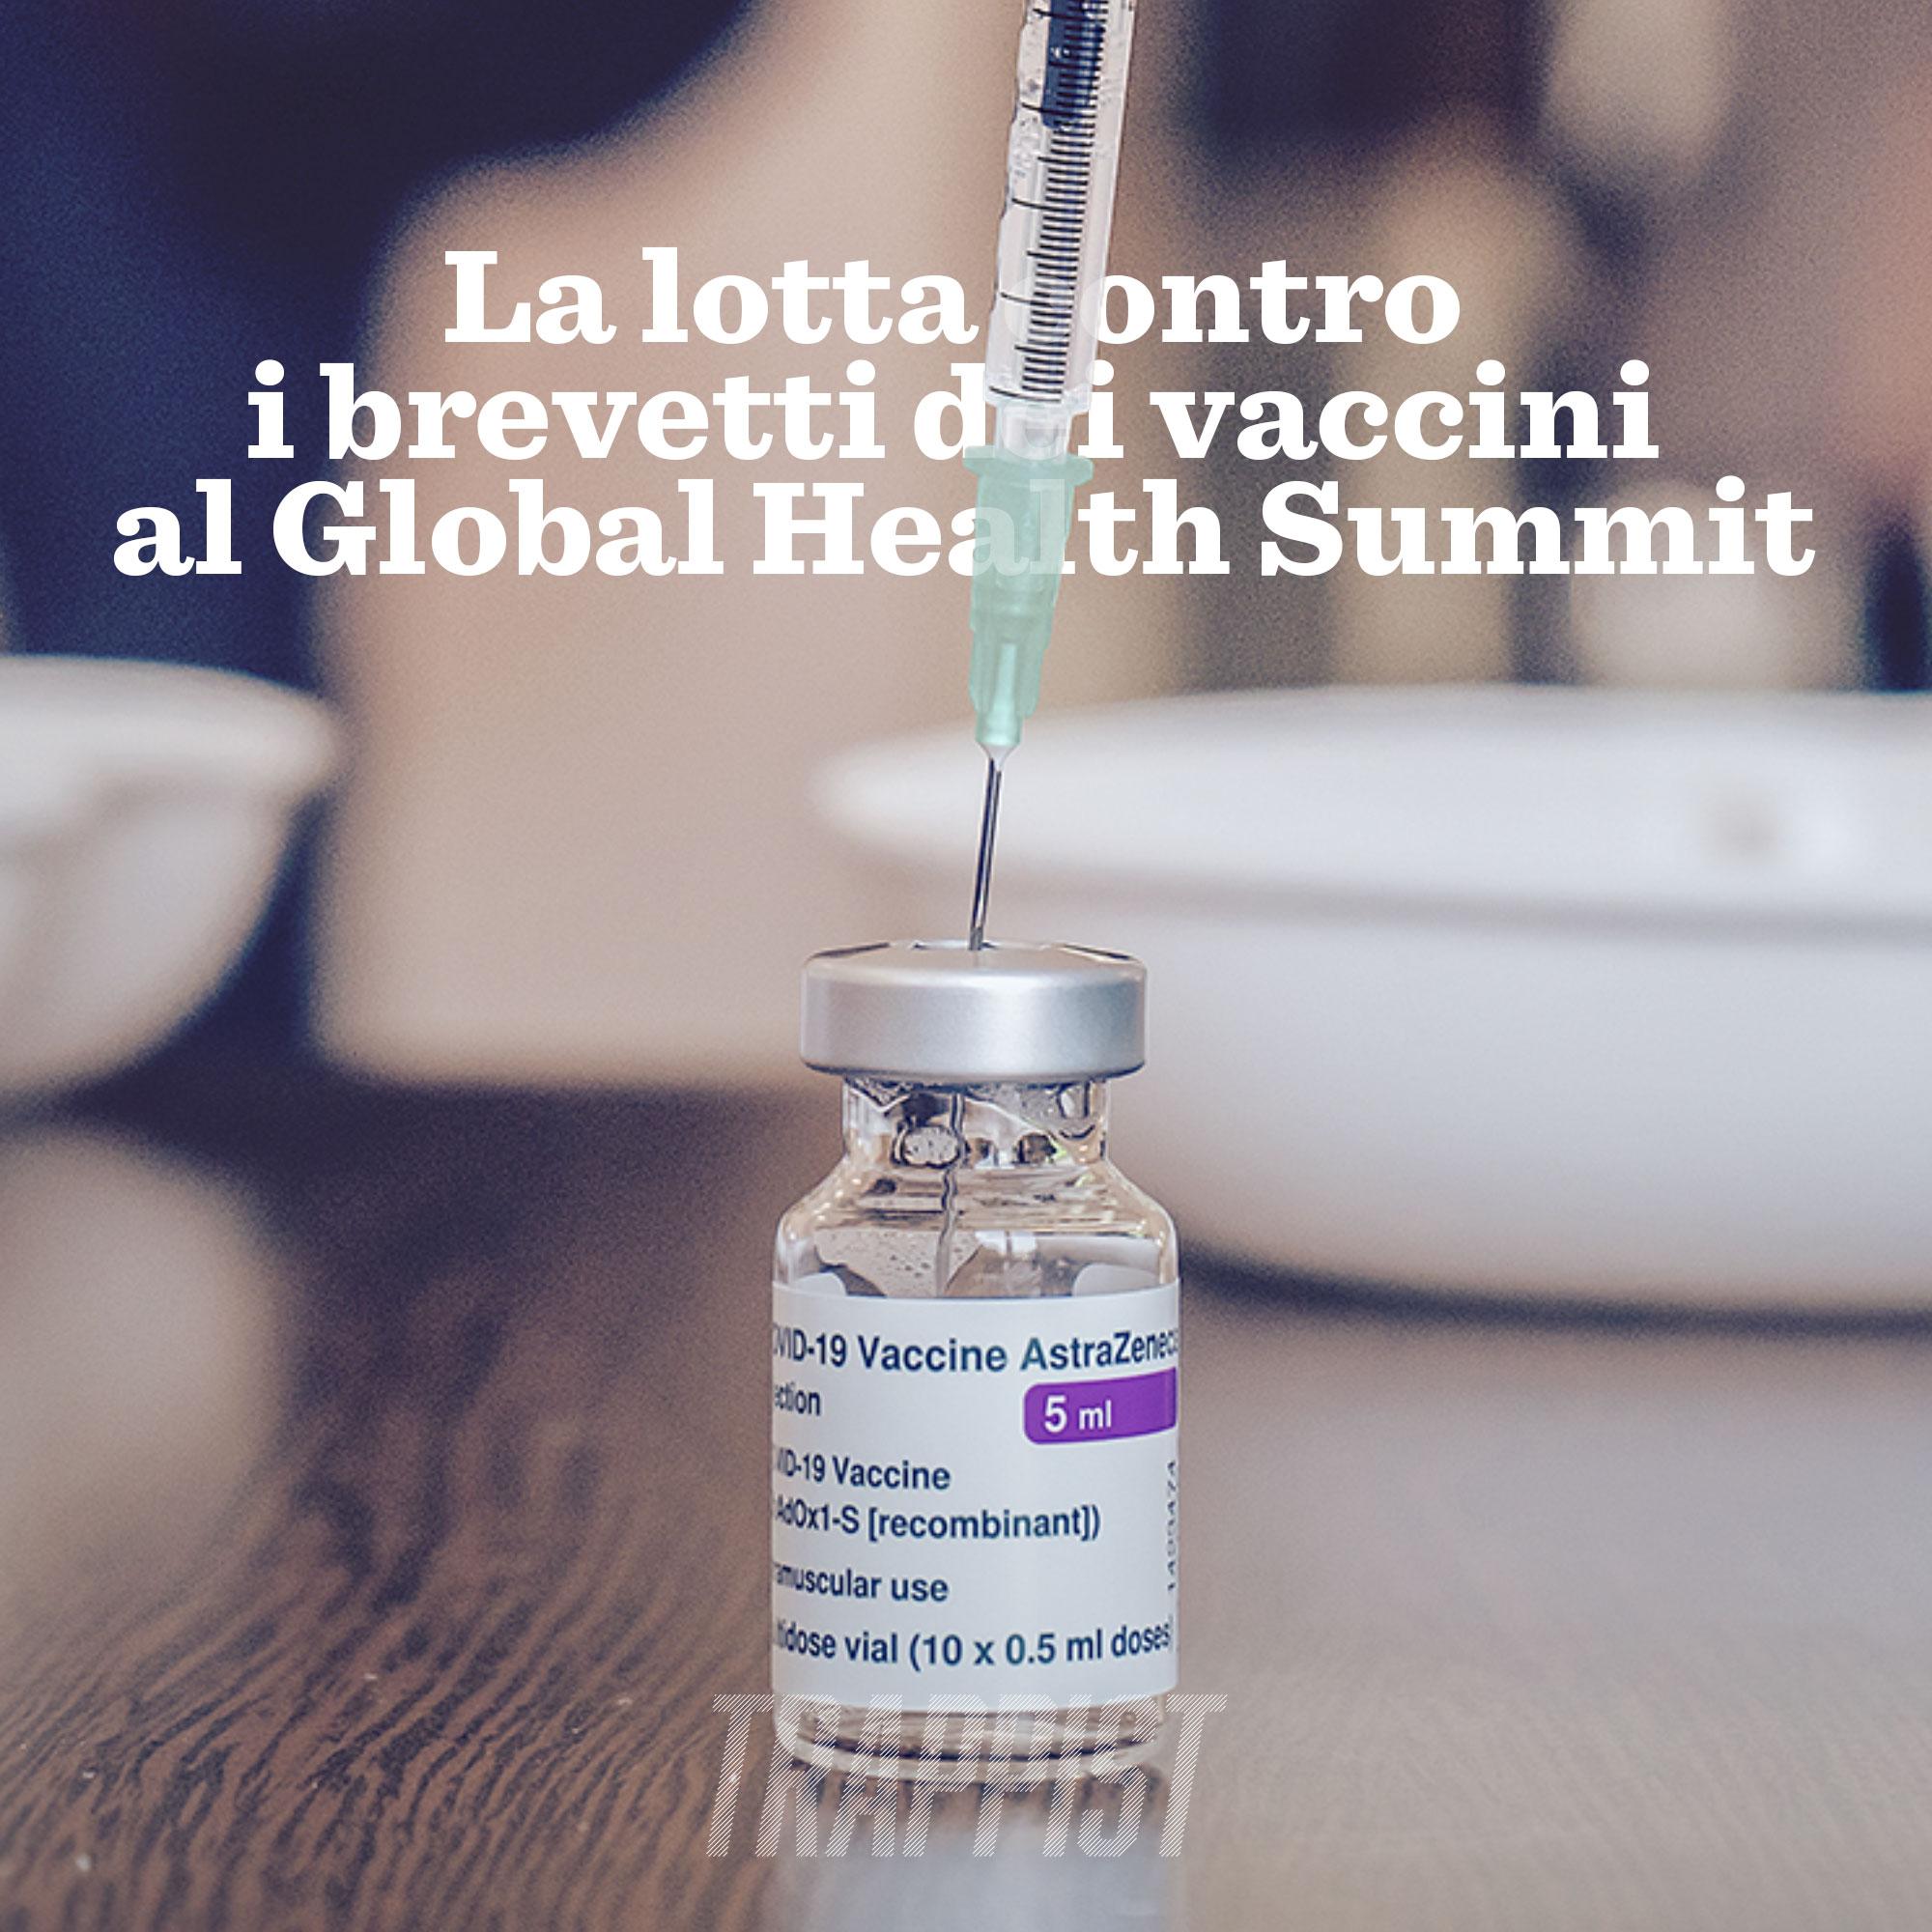 119: La lotta contro i brevetti dei vaccini al Global Health Summit